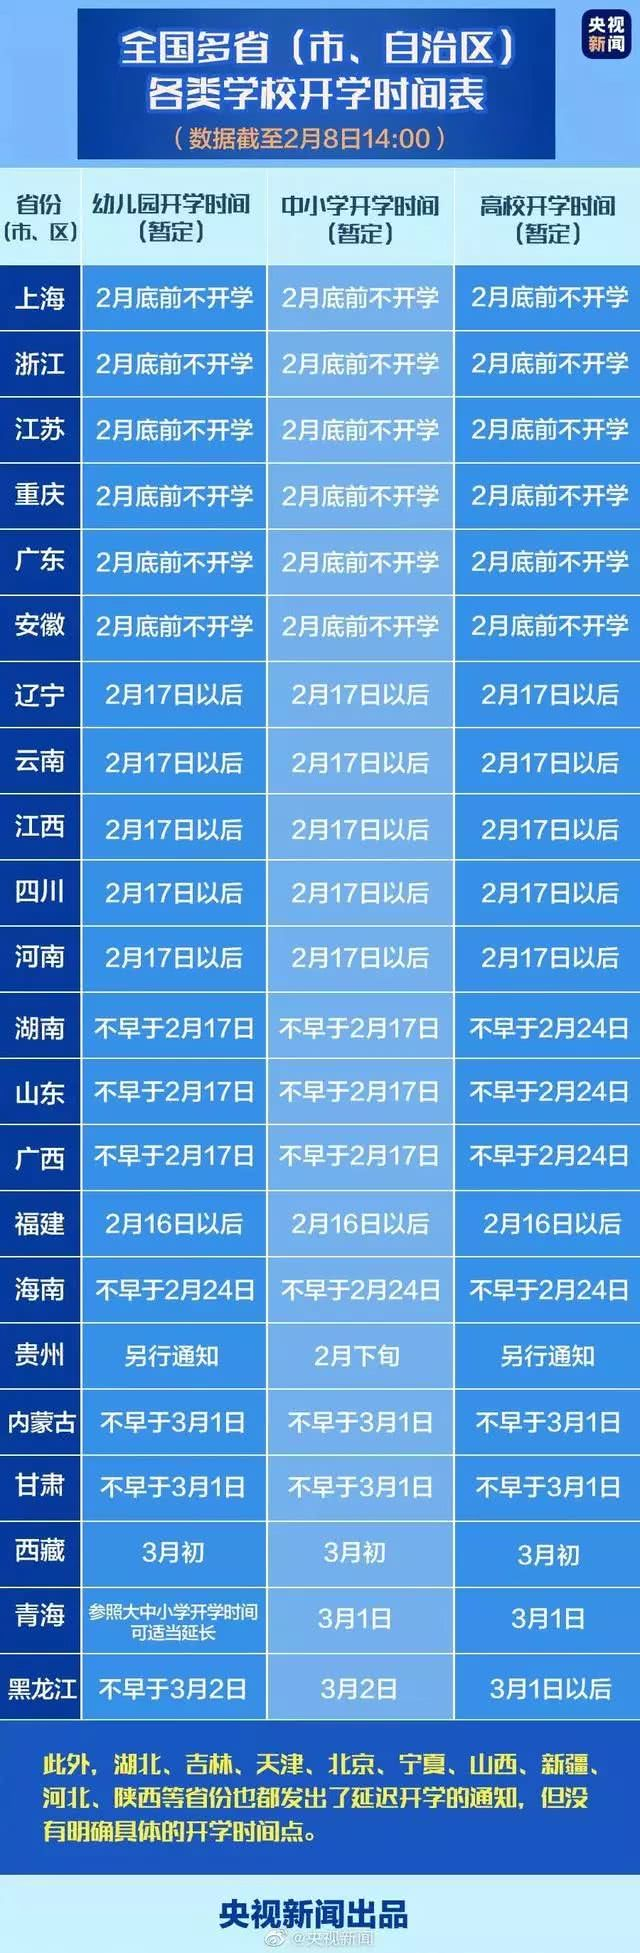 全国中小学延期开学最新消息 2020各省开学时间汇总北京河南广东四川湖北